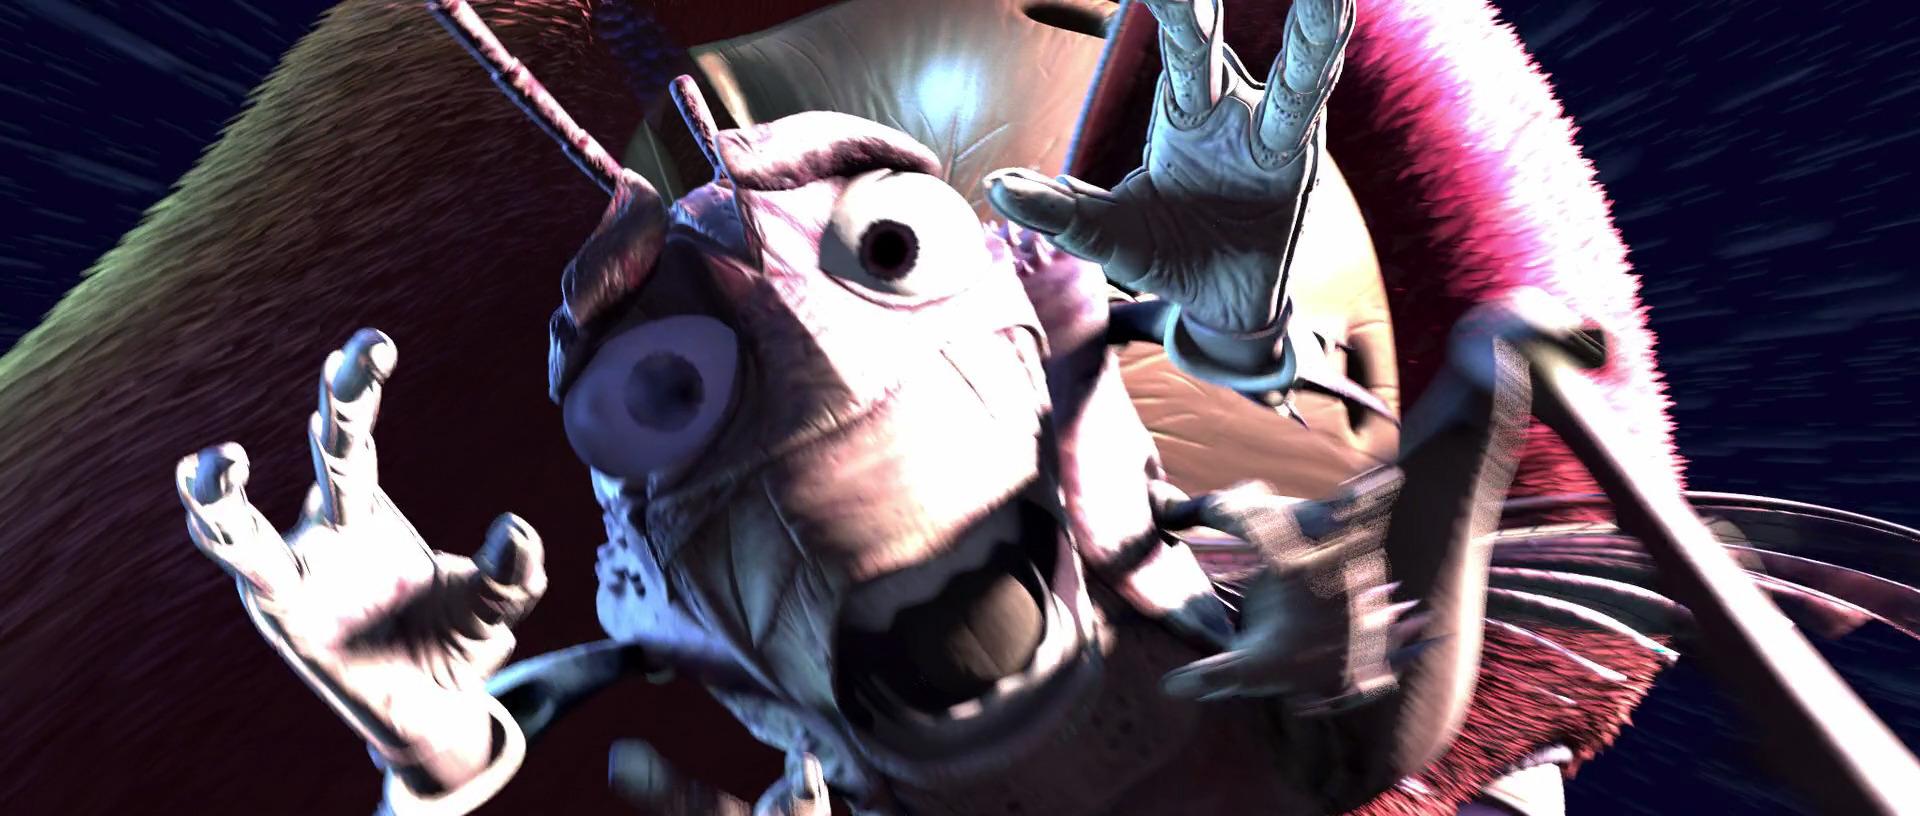 A Bug's Life (1998; animated)